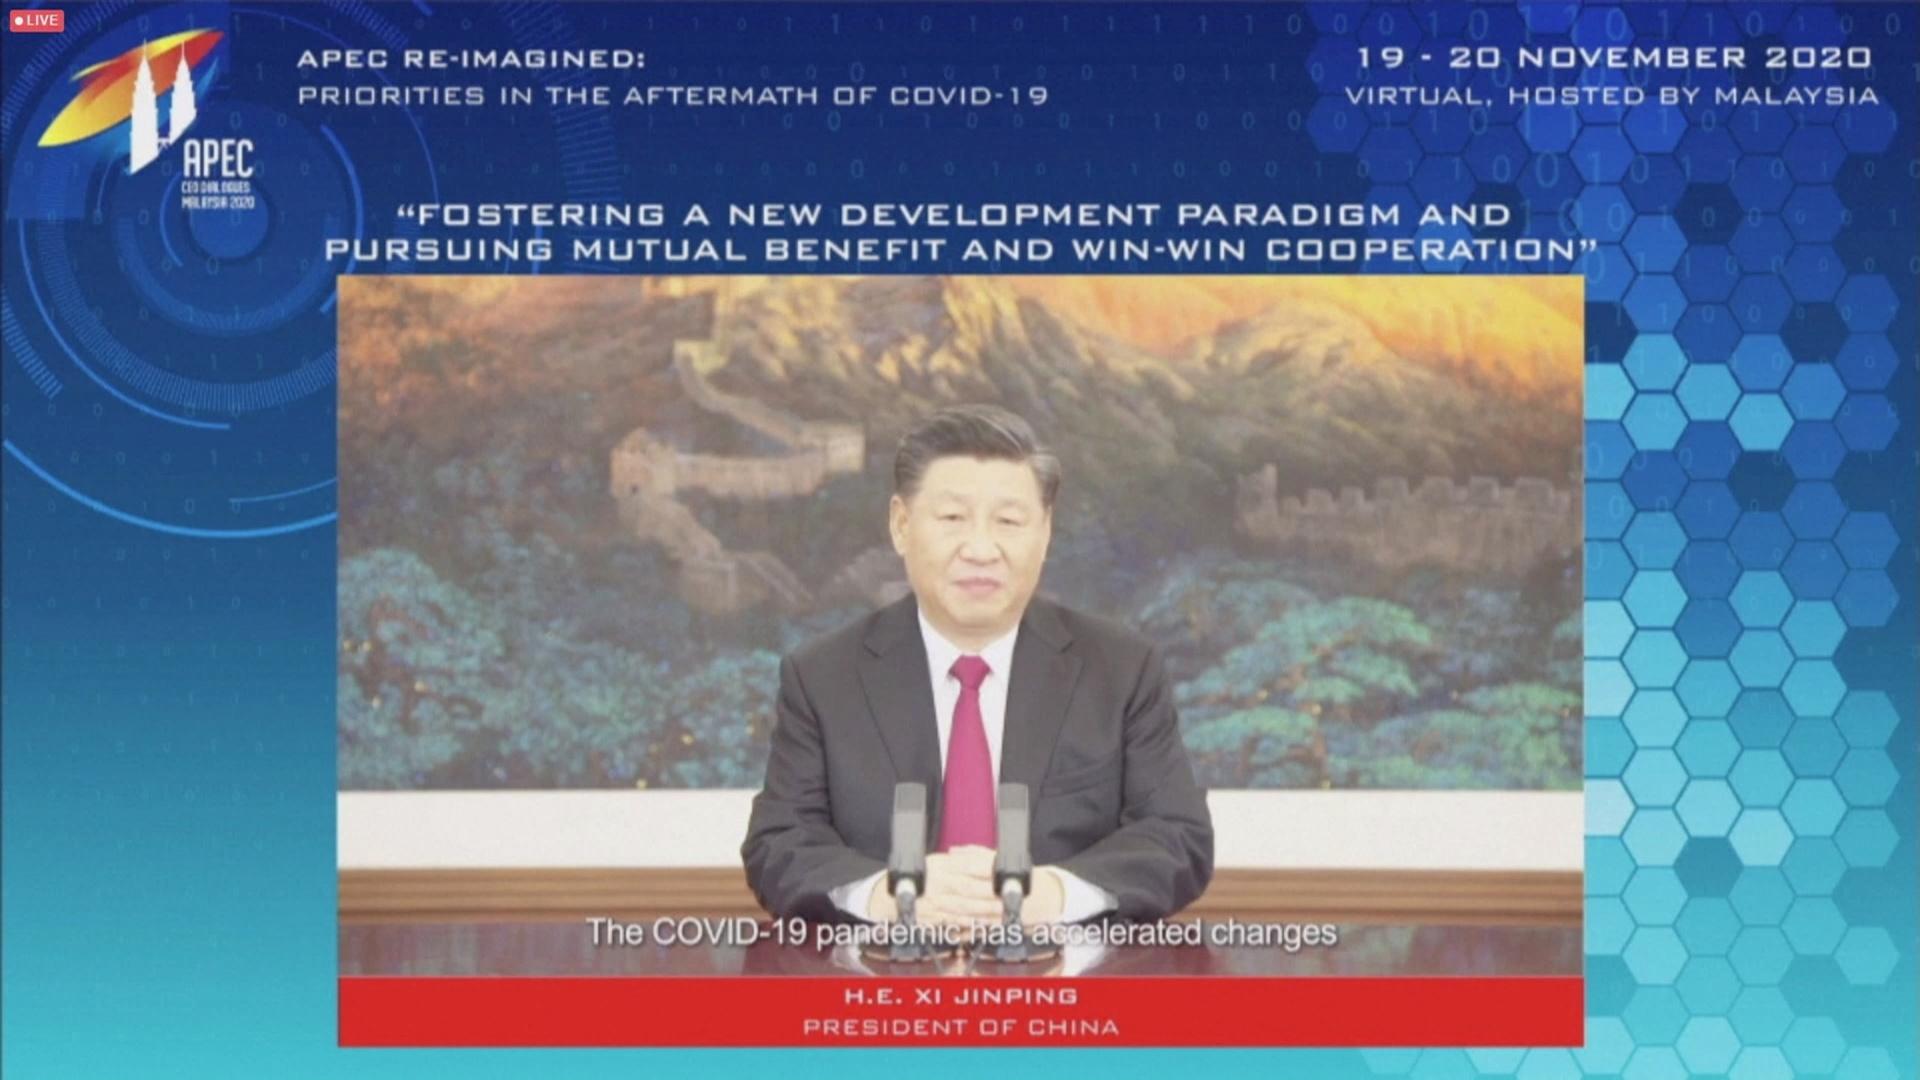 الرئيس الصيني يتعهد بأن تكون بلاده رائدة الانفتاح الاقتصادي العالمي